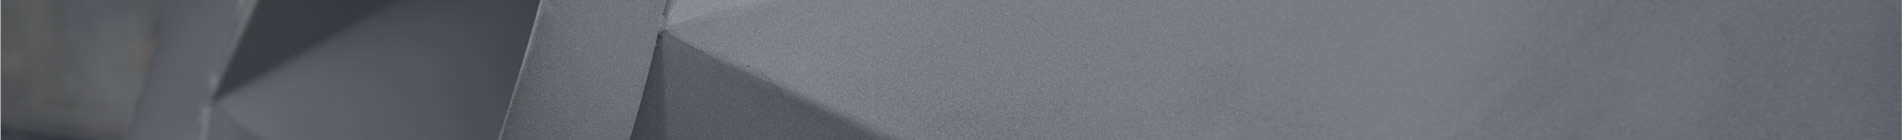 Mikra – Berrikuntza jasangarria piezen estalduran eta egonkortzean